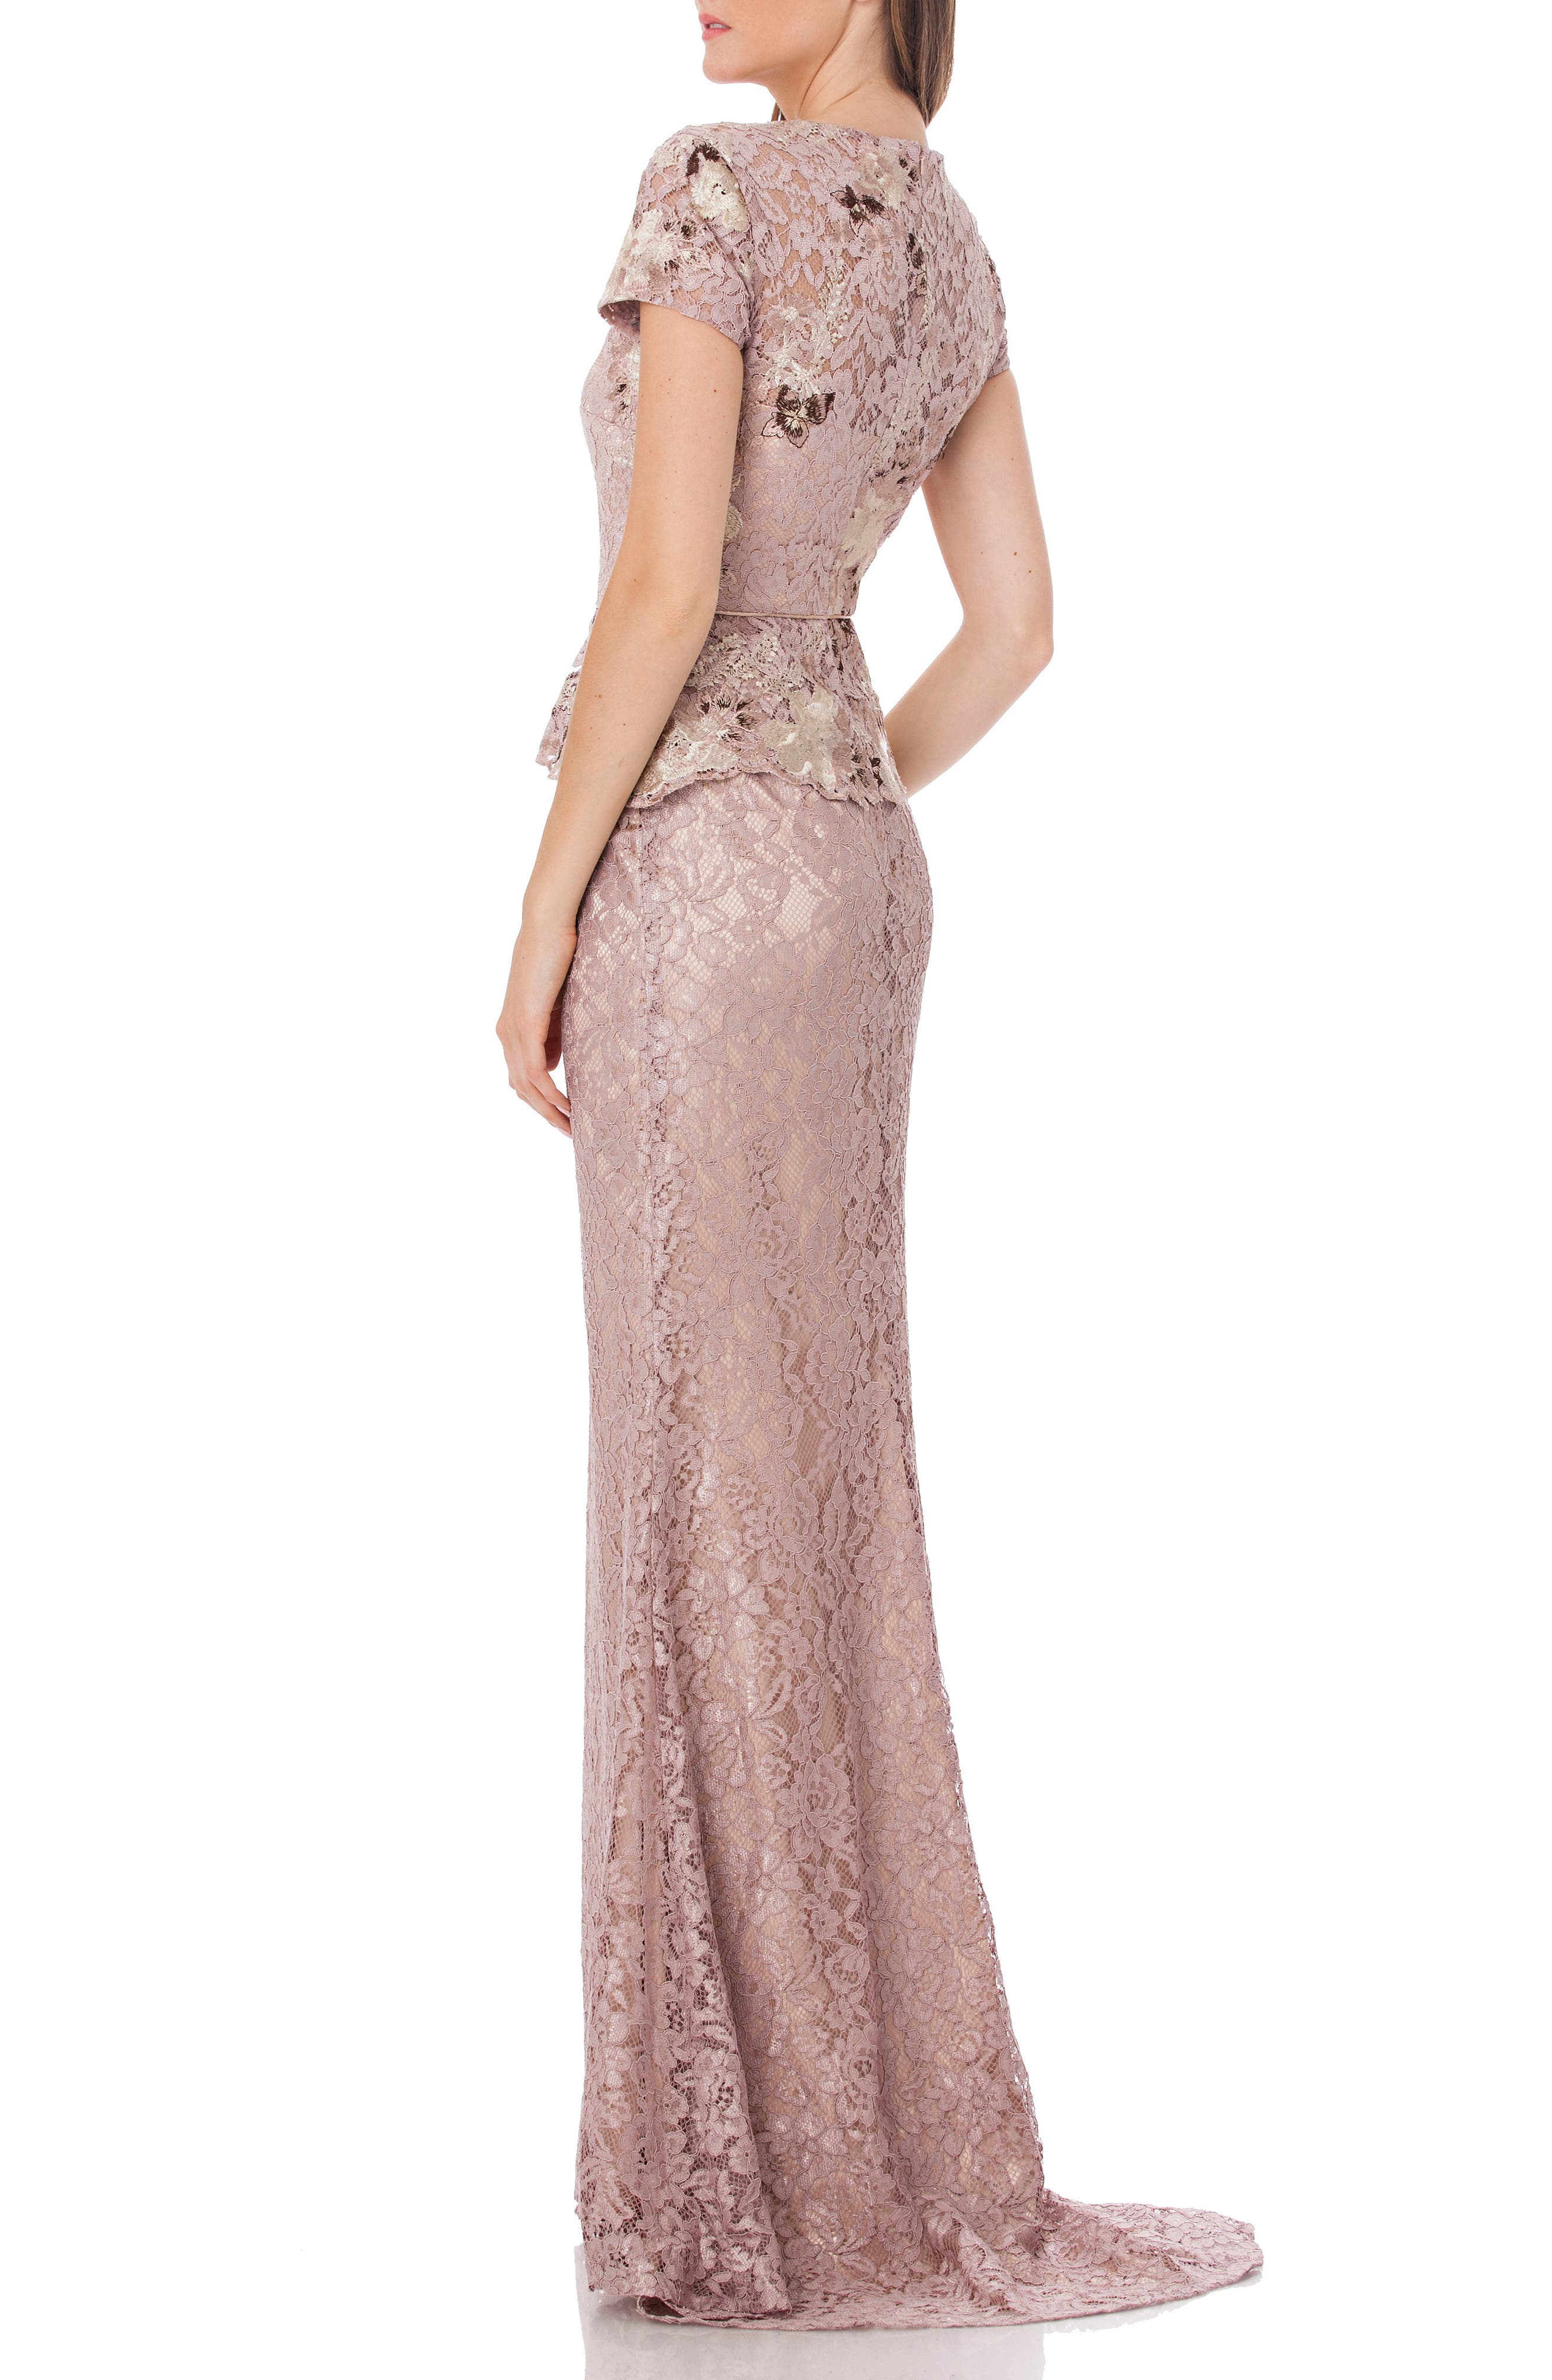 Lace Gown,                             Alternate thumbnail 2, color,                             Lavender/ Blush